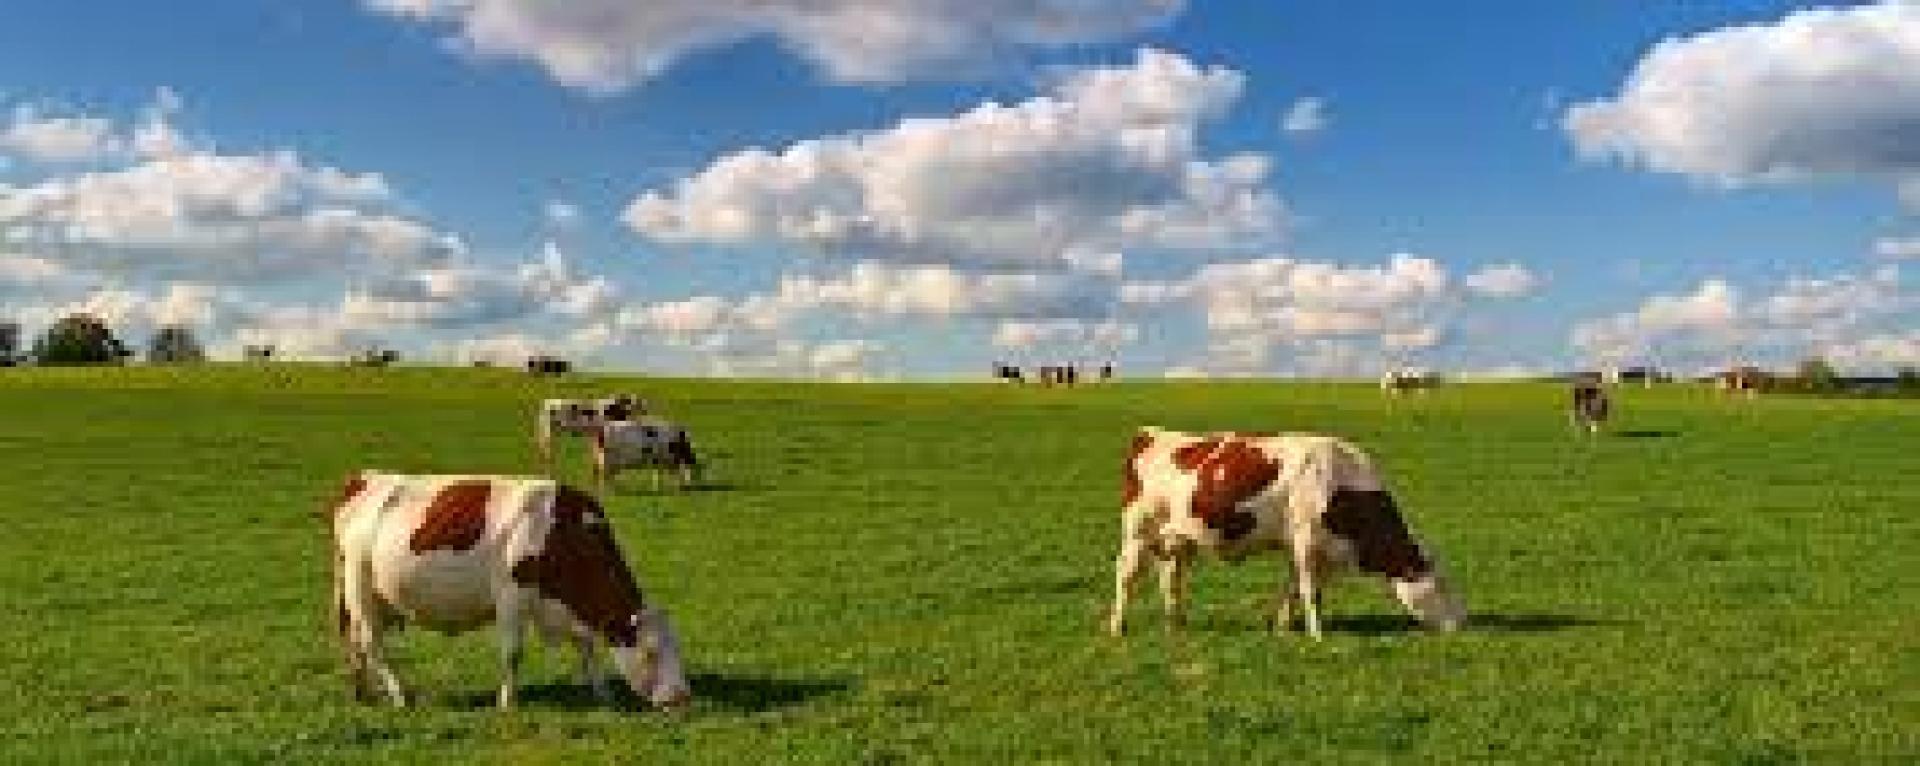 Fosfaatrechten voor intensief melkveebedrijf snel te duur